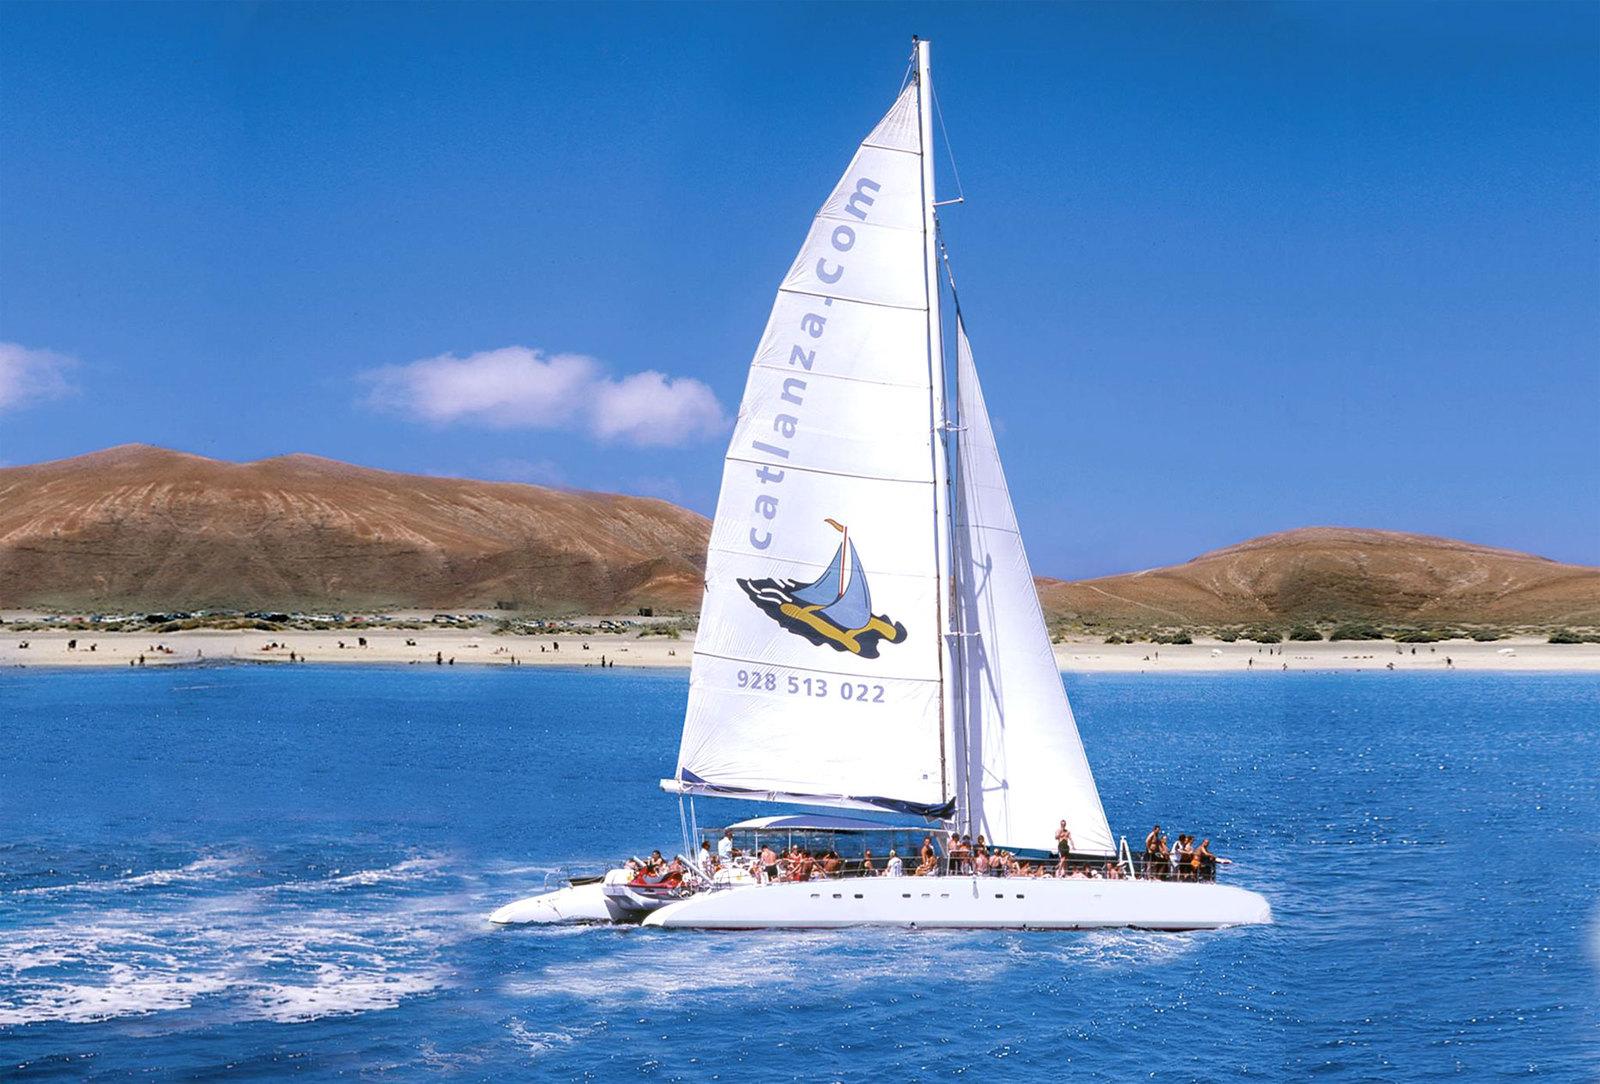 Catlanza, excursión marítima, Puerto Calero-Papagayo en barco